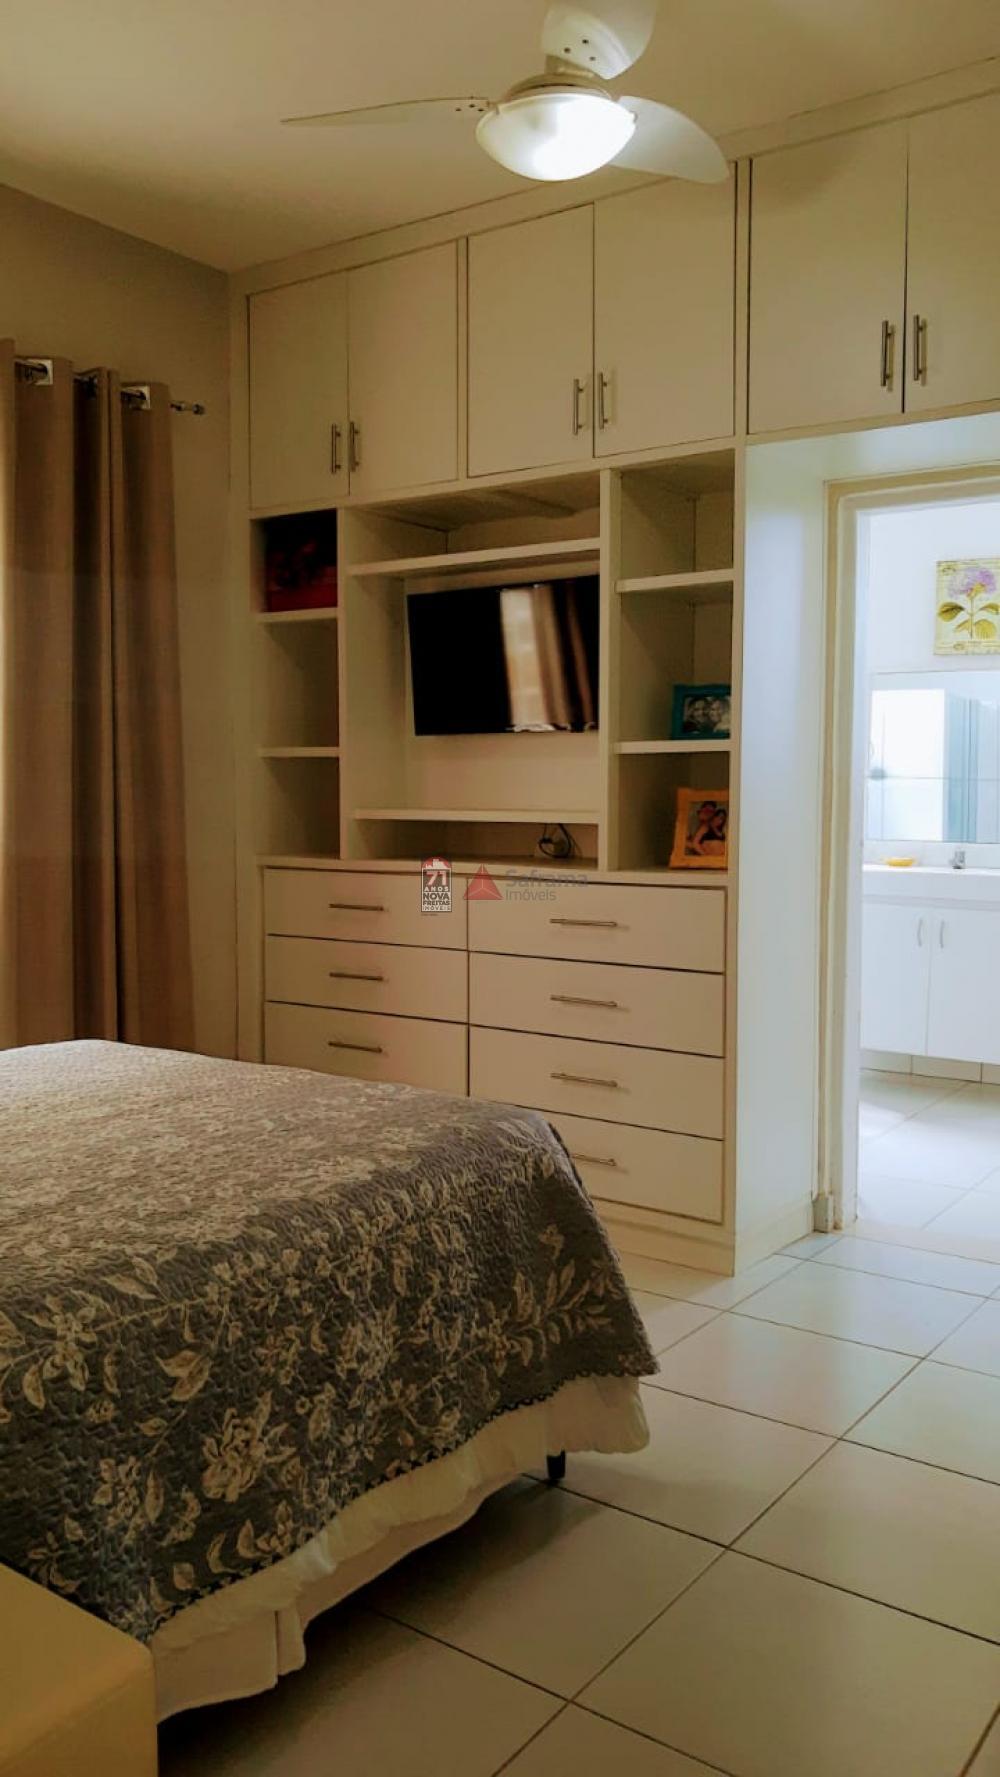 Comprar Casa / Sobrado em Caraguatatuba apenas R$ 1.600.000,00 - Foto 15